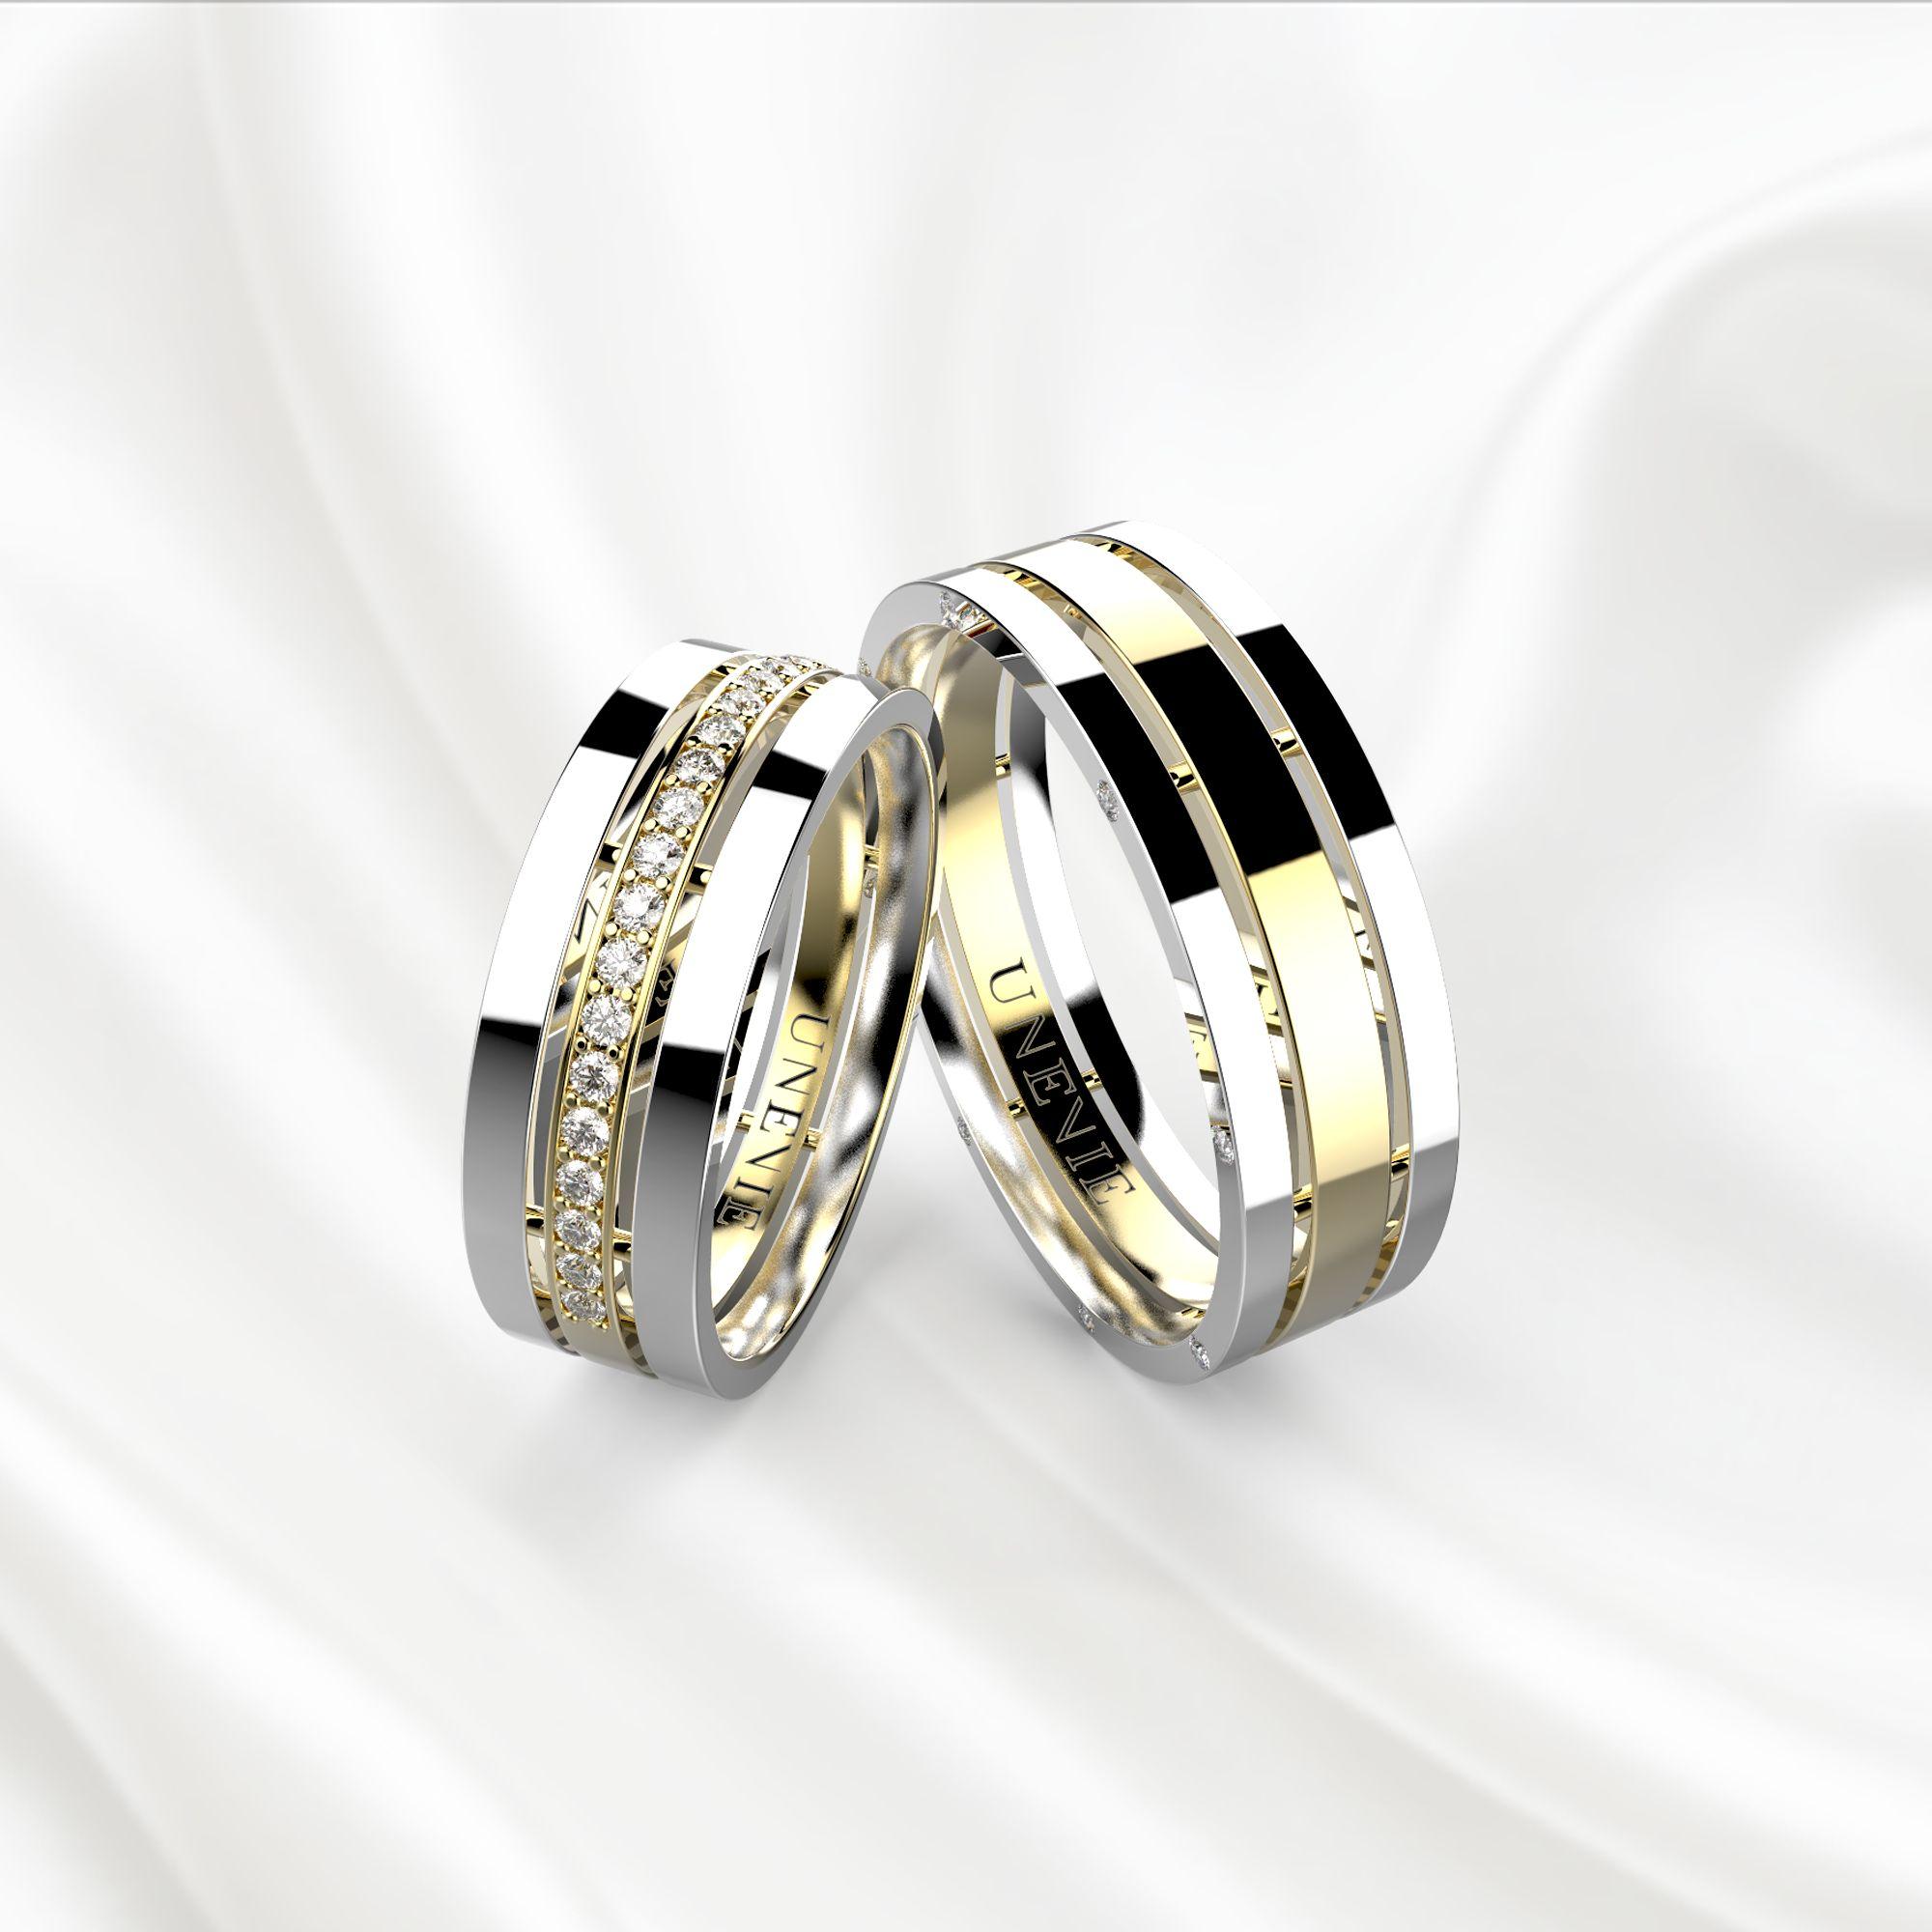 NV12 Обручальные кольца из бело-желтого золота